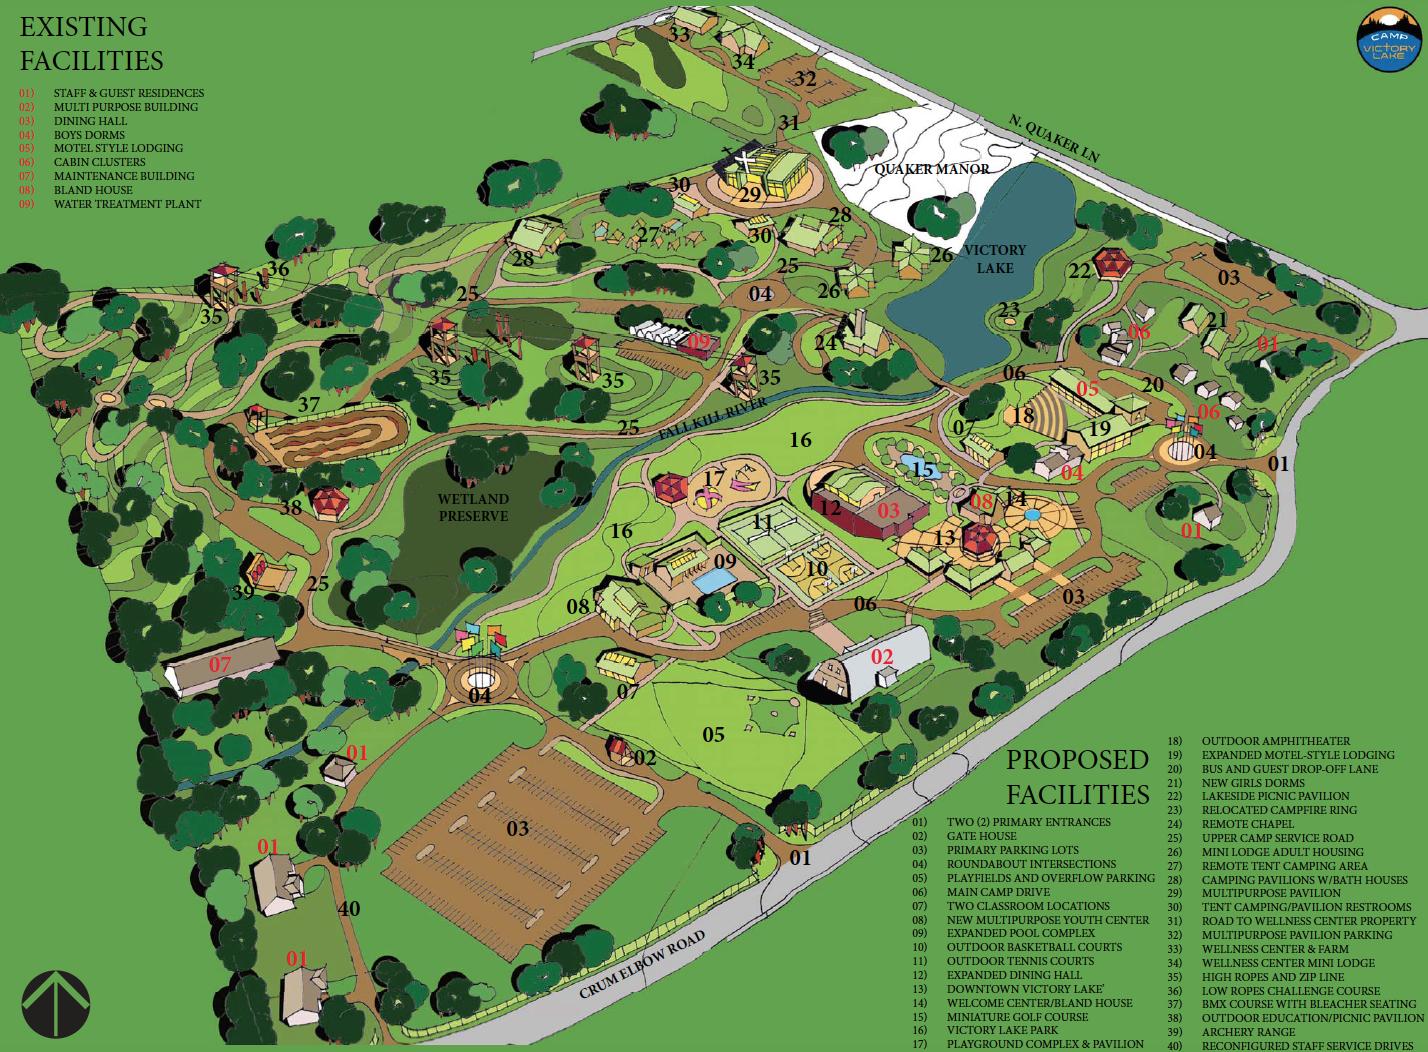 Proposed Camp Victory Lake Master Plan